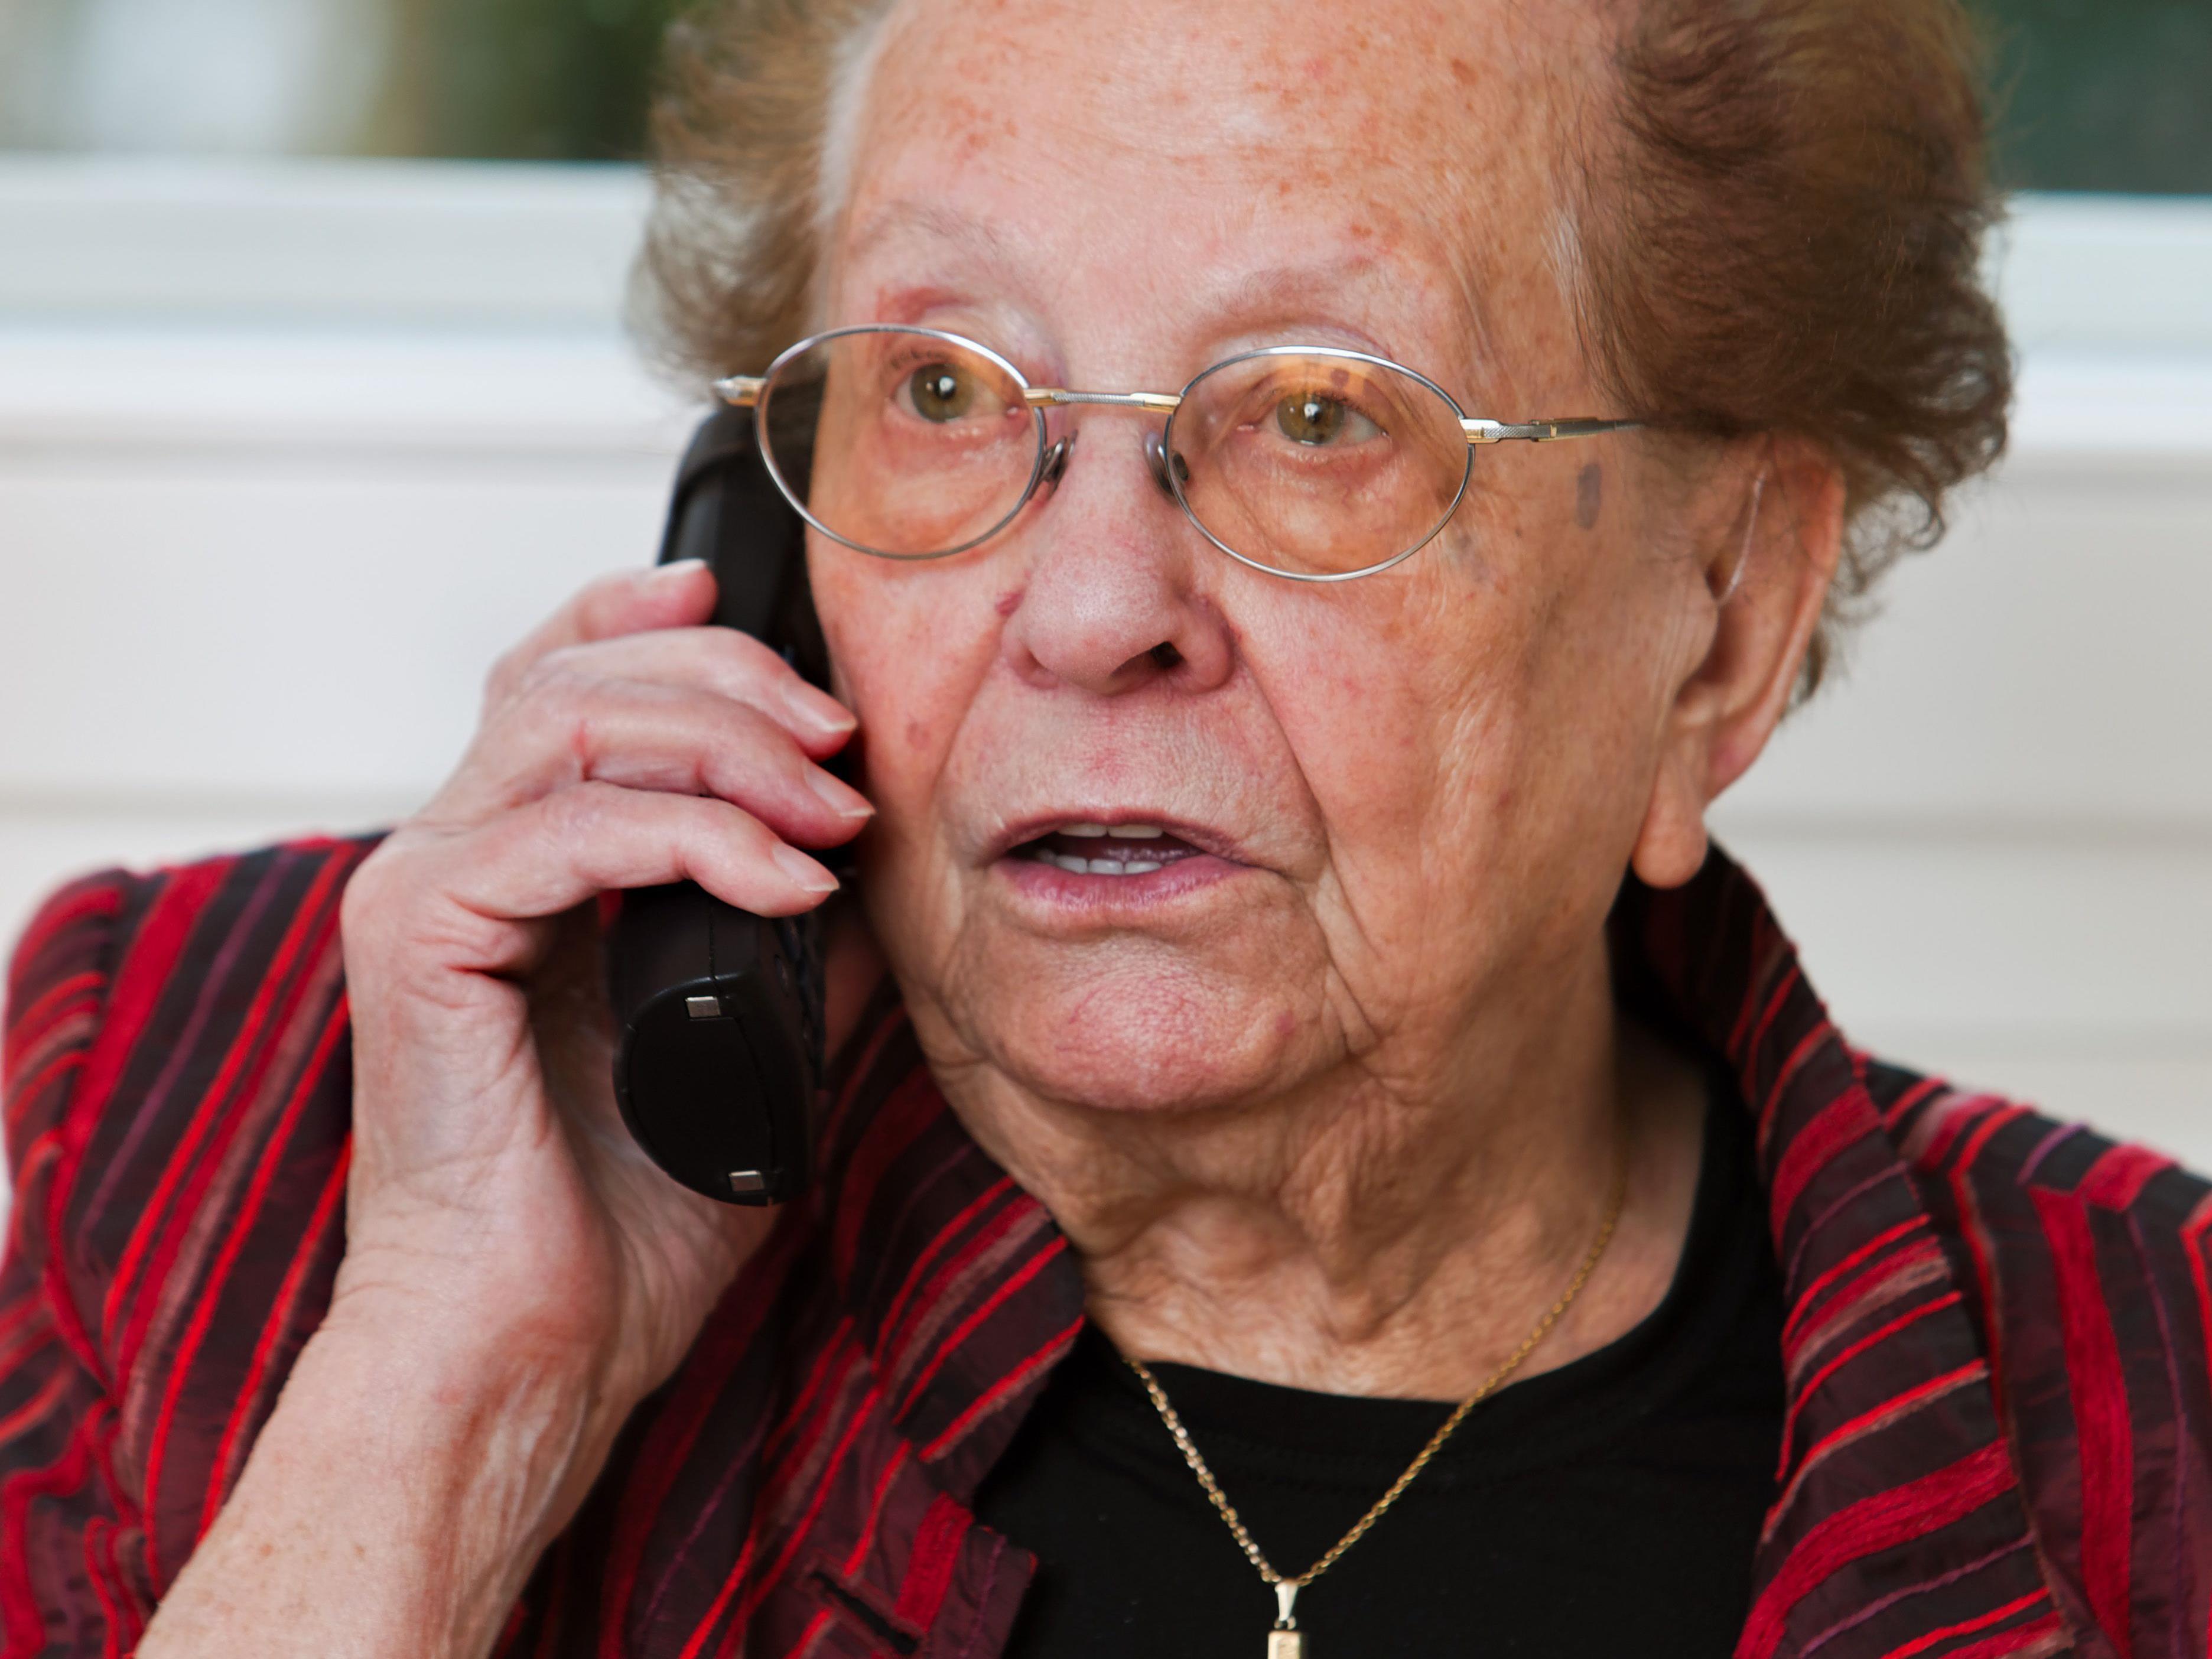 Die Senioren ließen sich nicht darauf ein und meldeten die Vorfälle der Polizei.